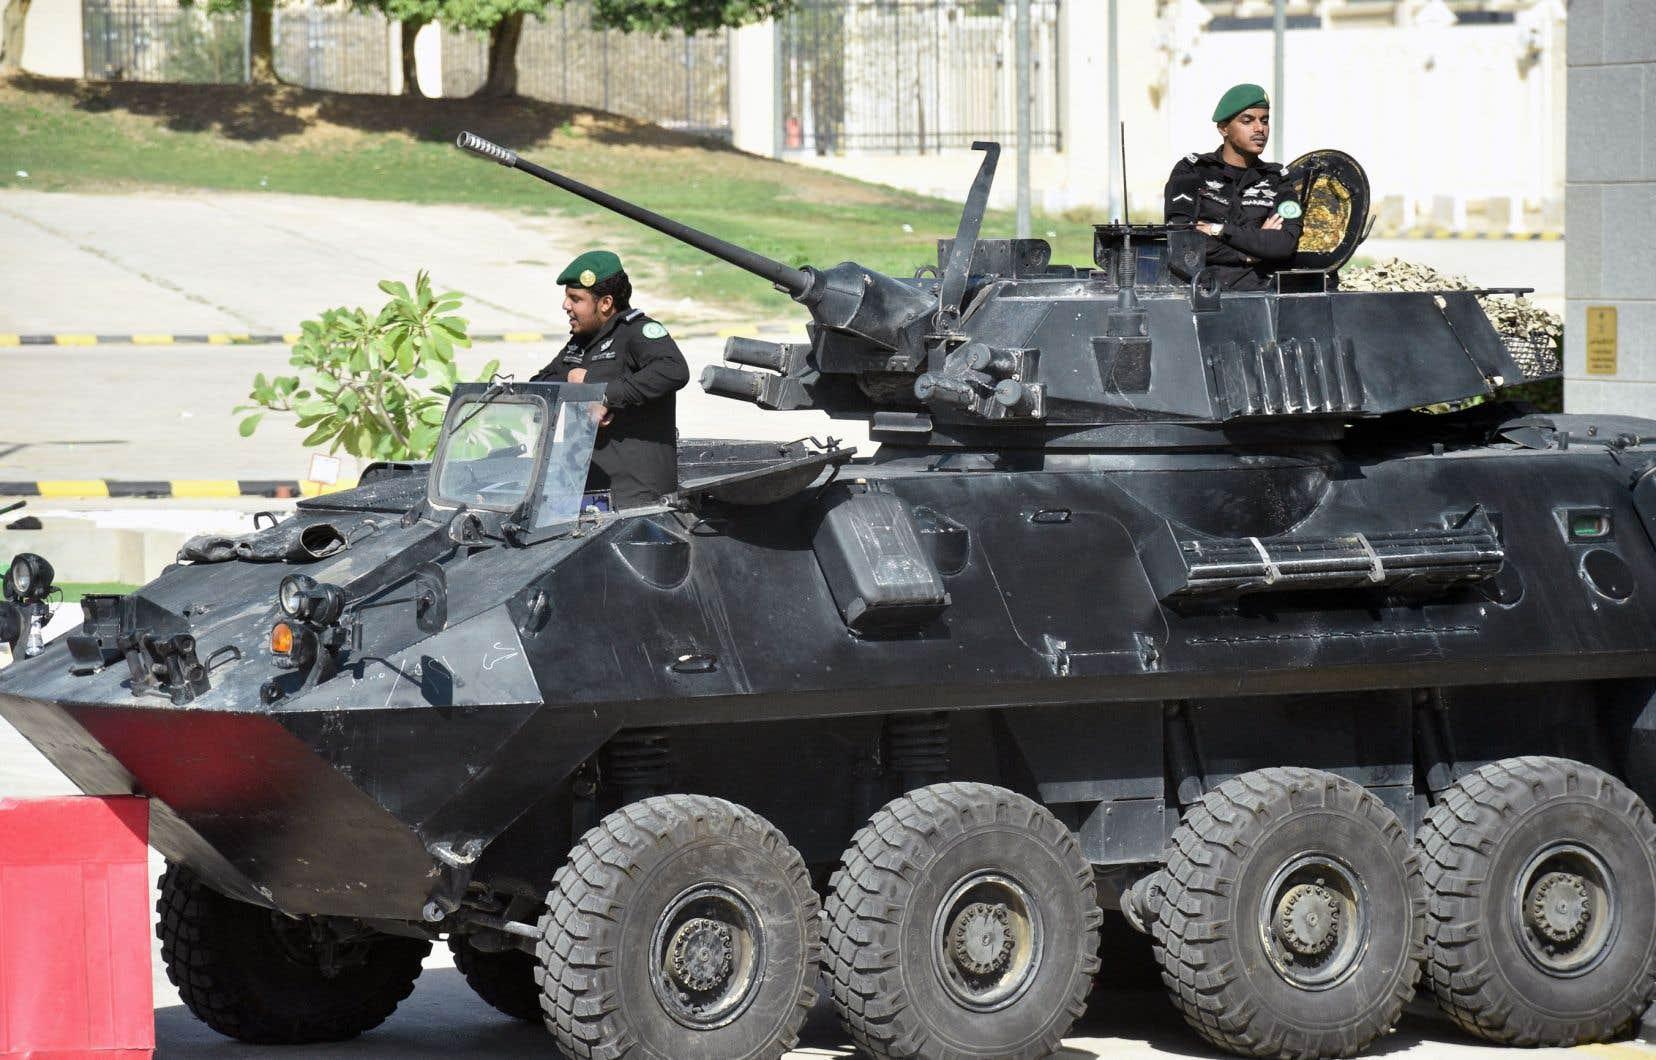 La majeure partie des exportations d'armes canadiennes vers l'Arabie saoudite consiste en des véhicules blindés légers fabriqués par General Dynamics Land Systems-Canada, rapportent les auteurs.